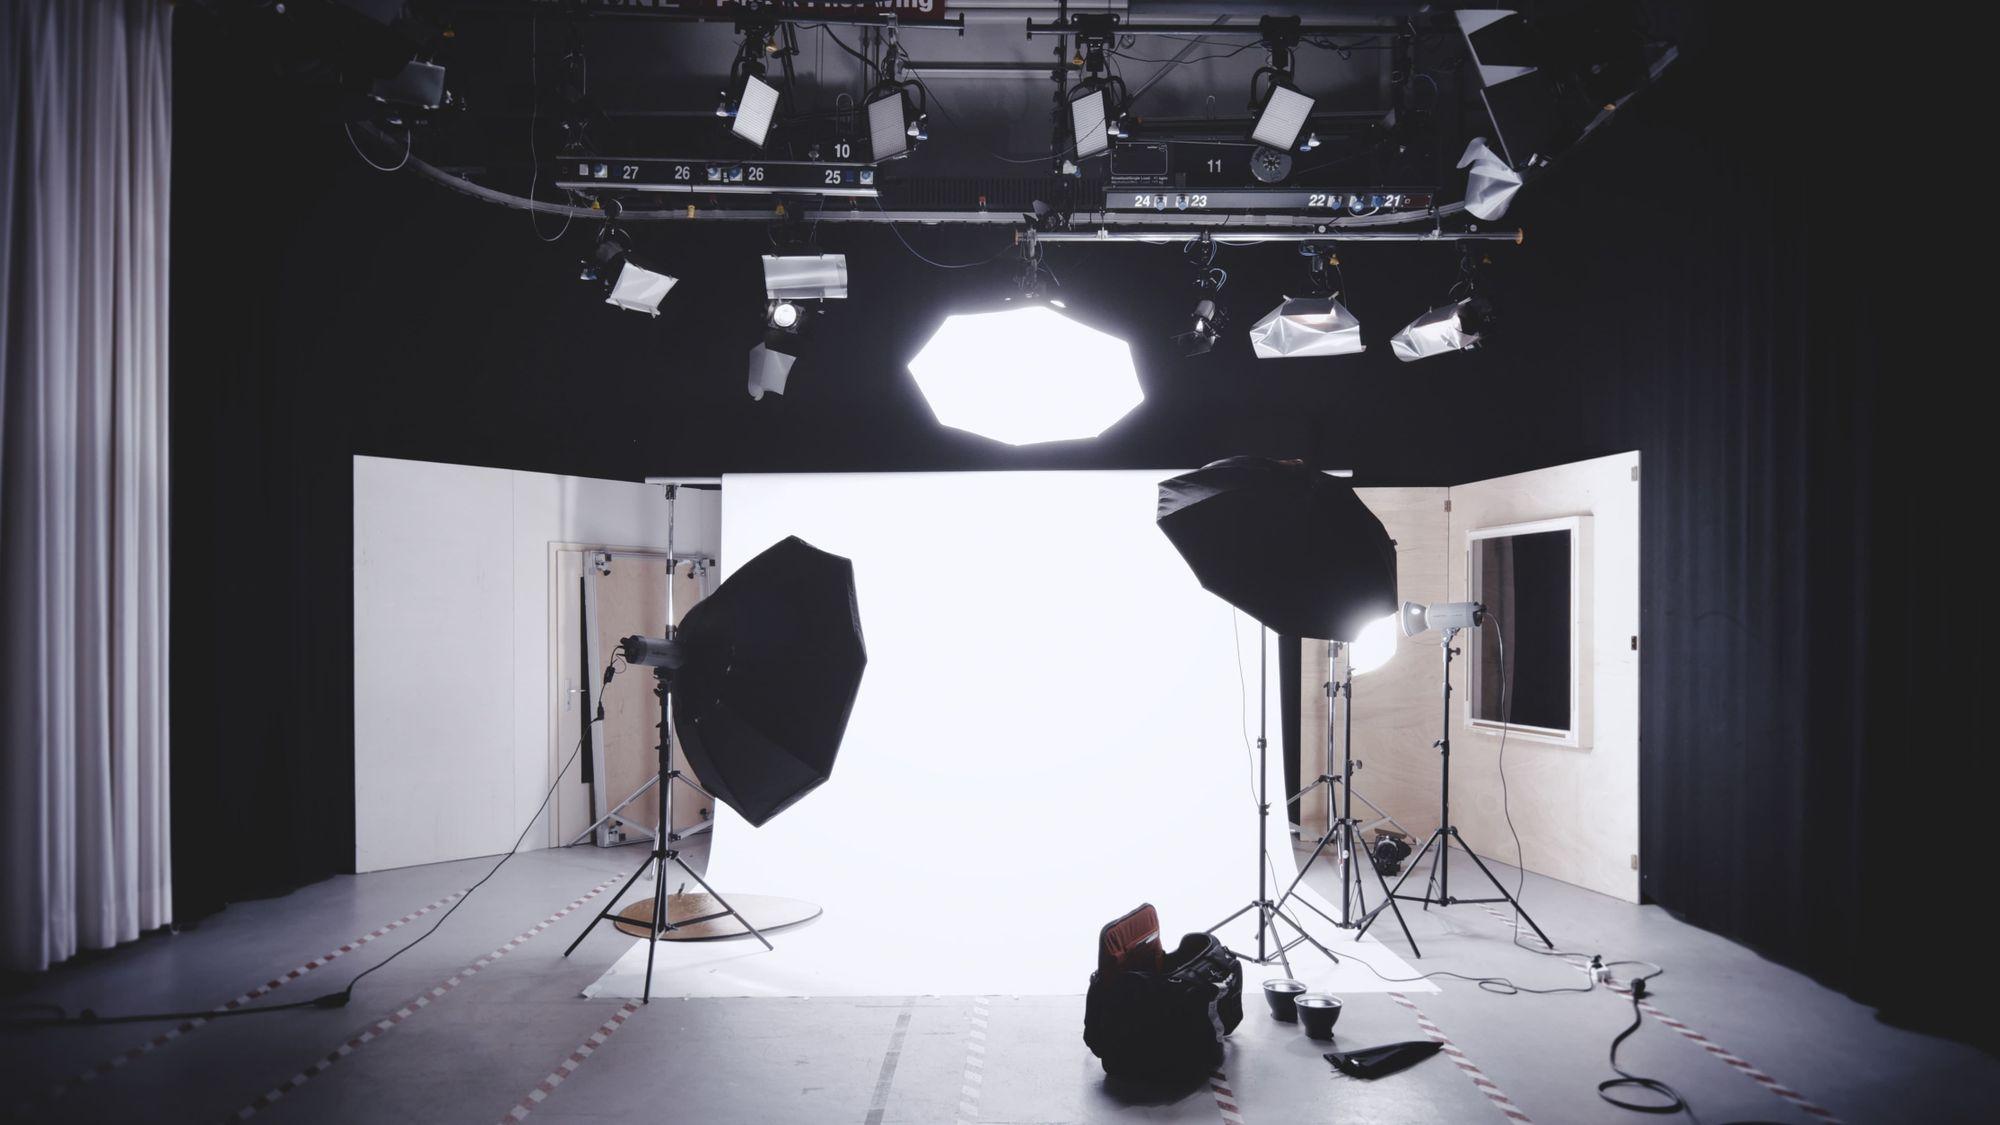 light-on-photo-studio